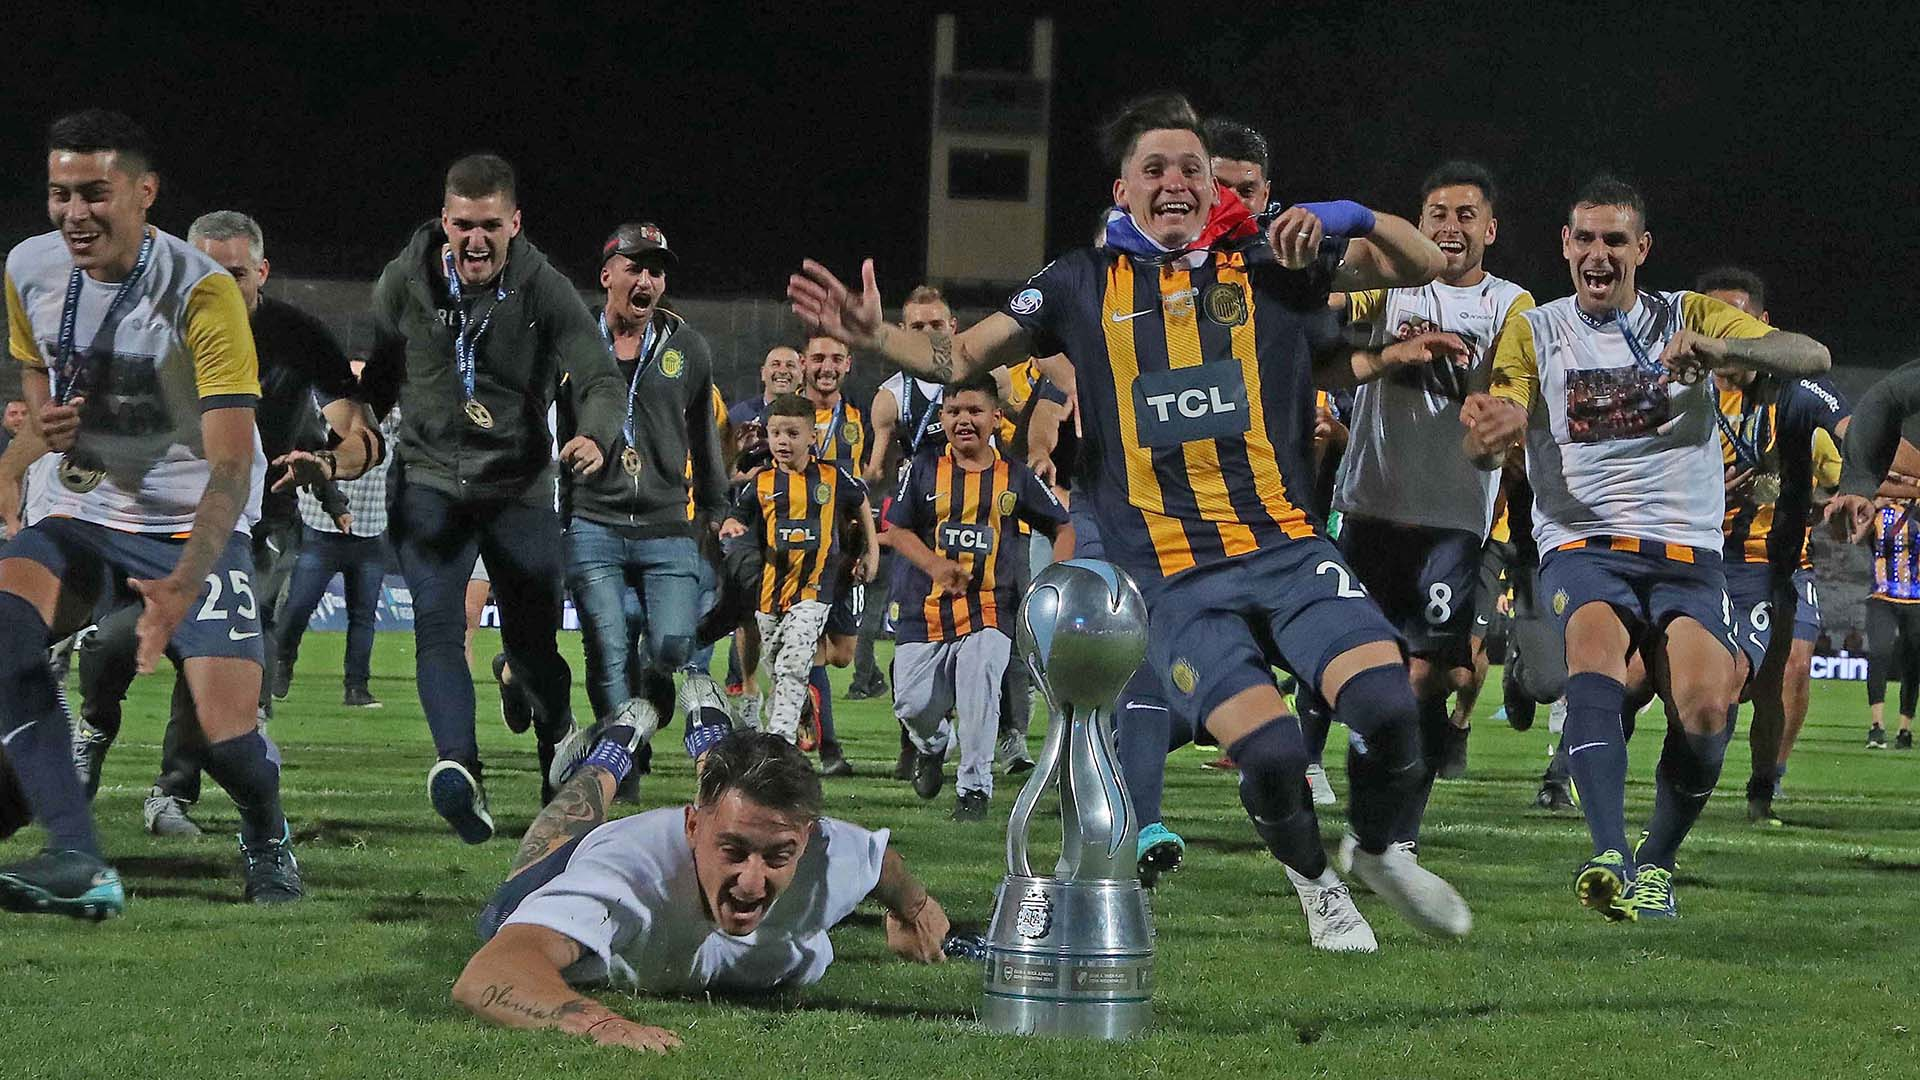 Luego de tres finales frustradas, Rosario Central logró levantar la Copa Argentina al vencer en la definición por penales a Gimnasia y Esgrima La Plata